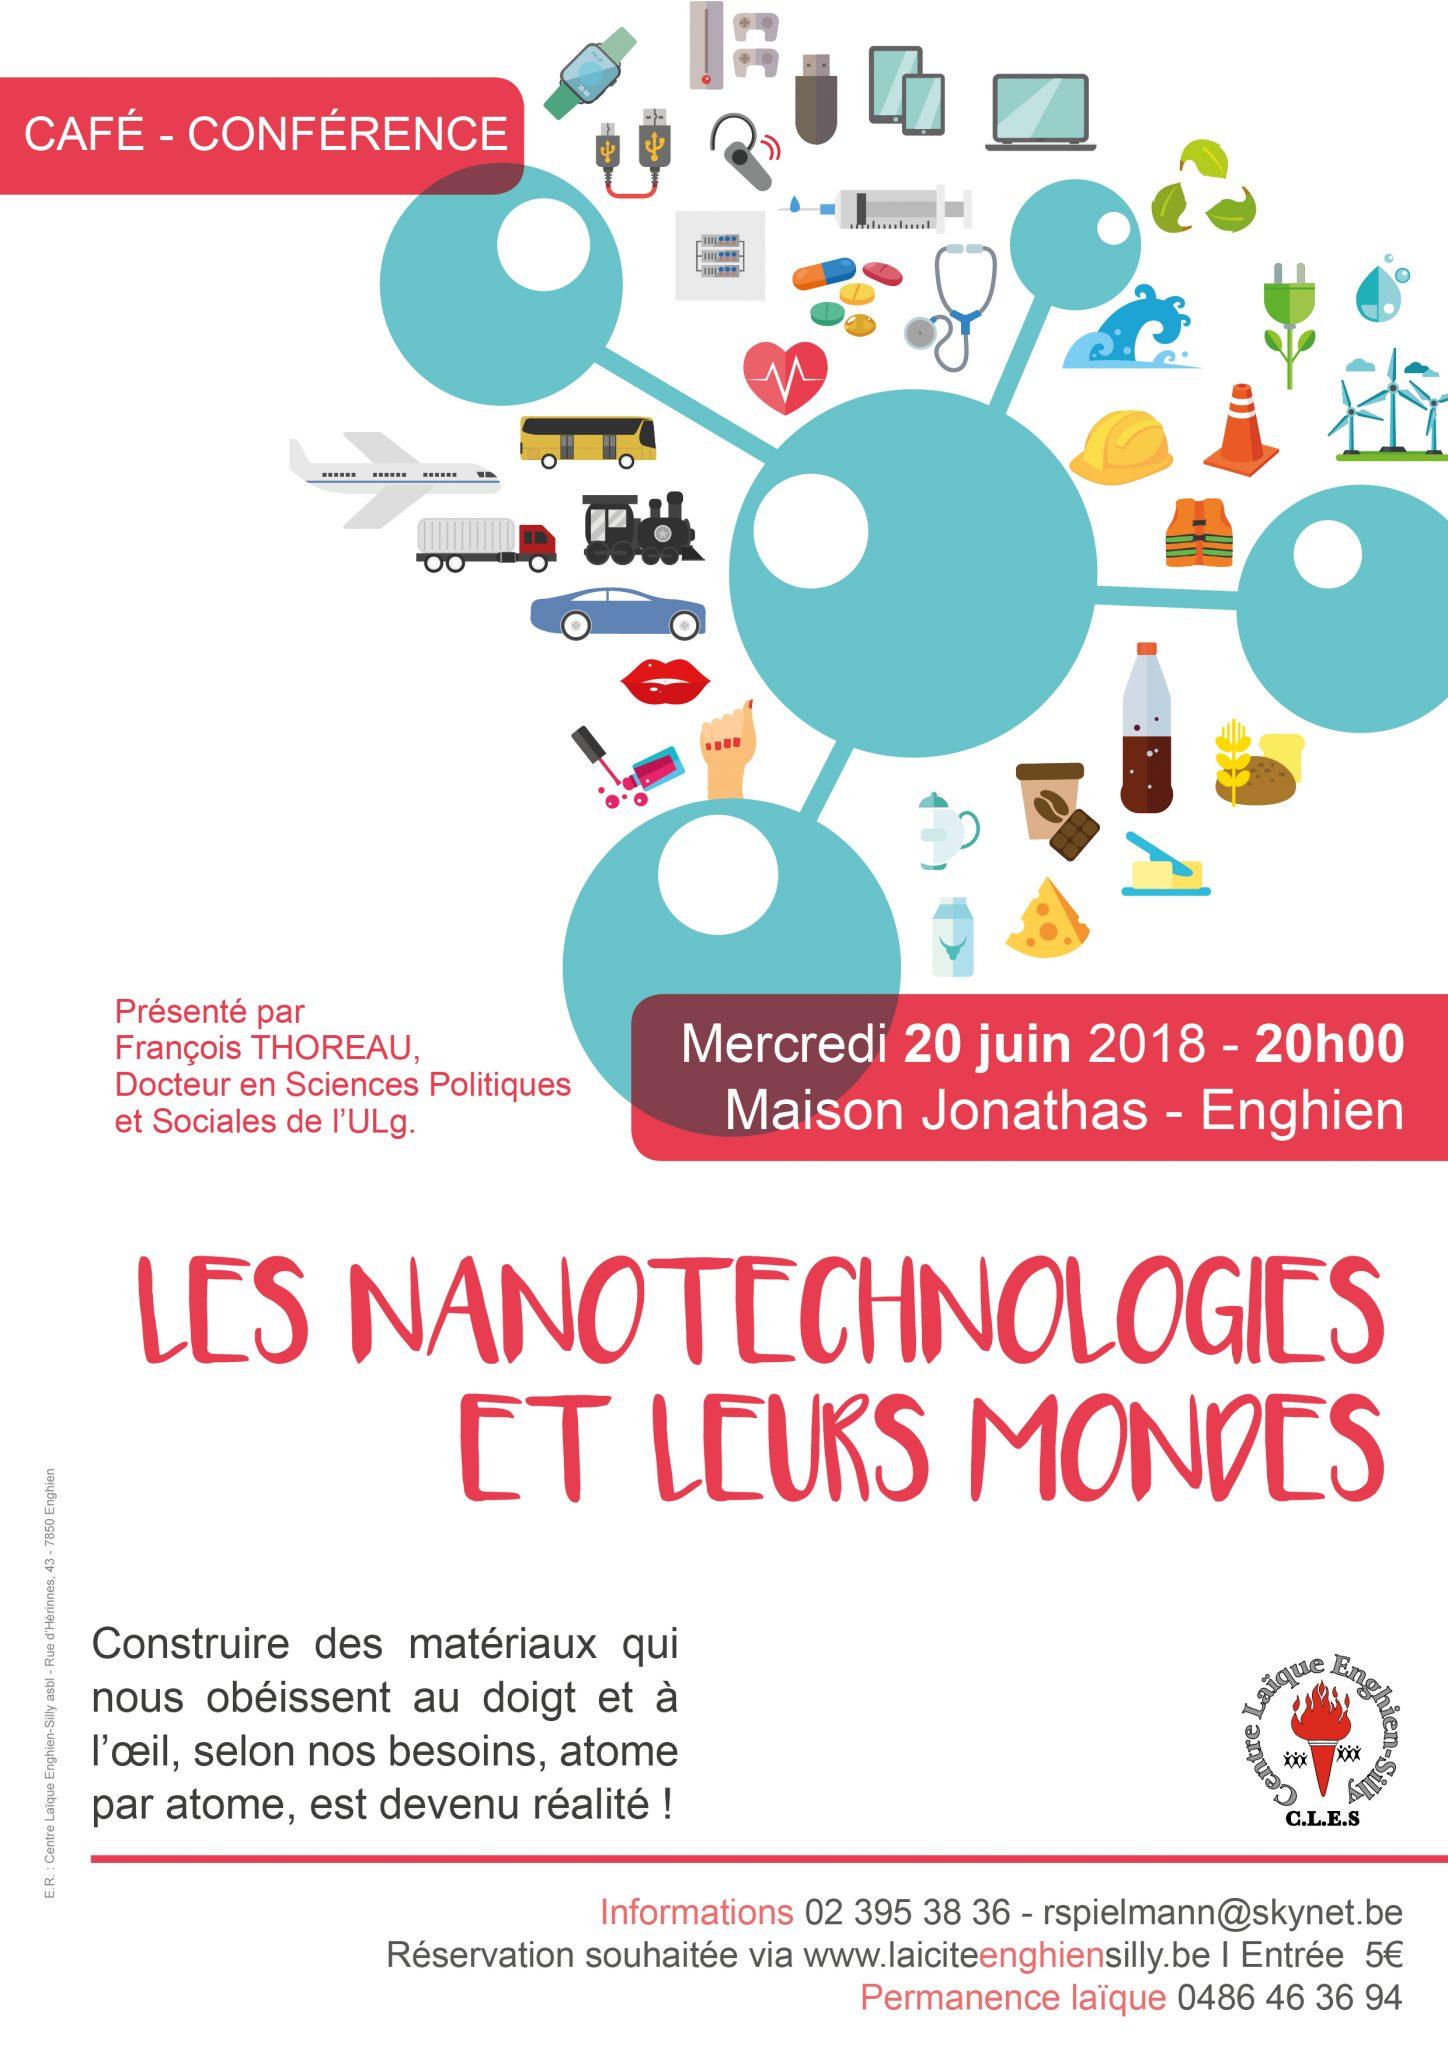 Laïcité Belgique - Centre Laïque Enghien-Silly - Nanotechnologies